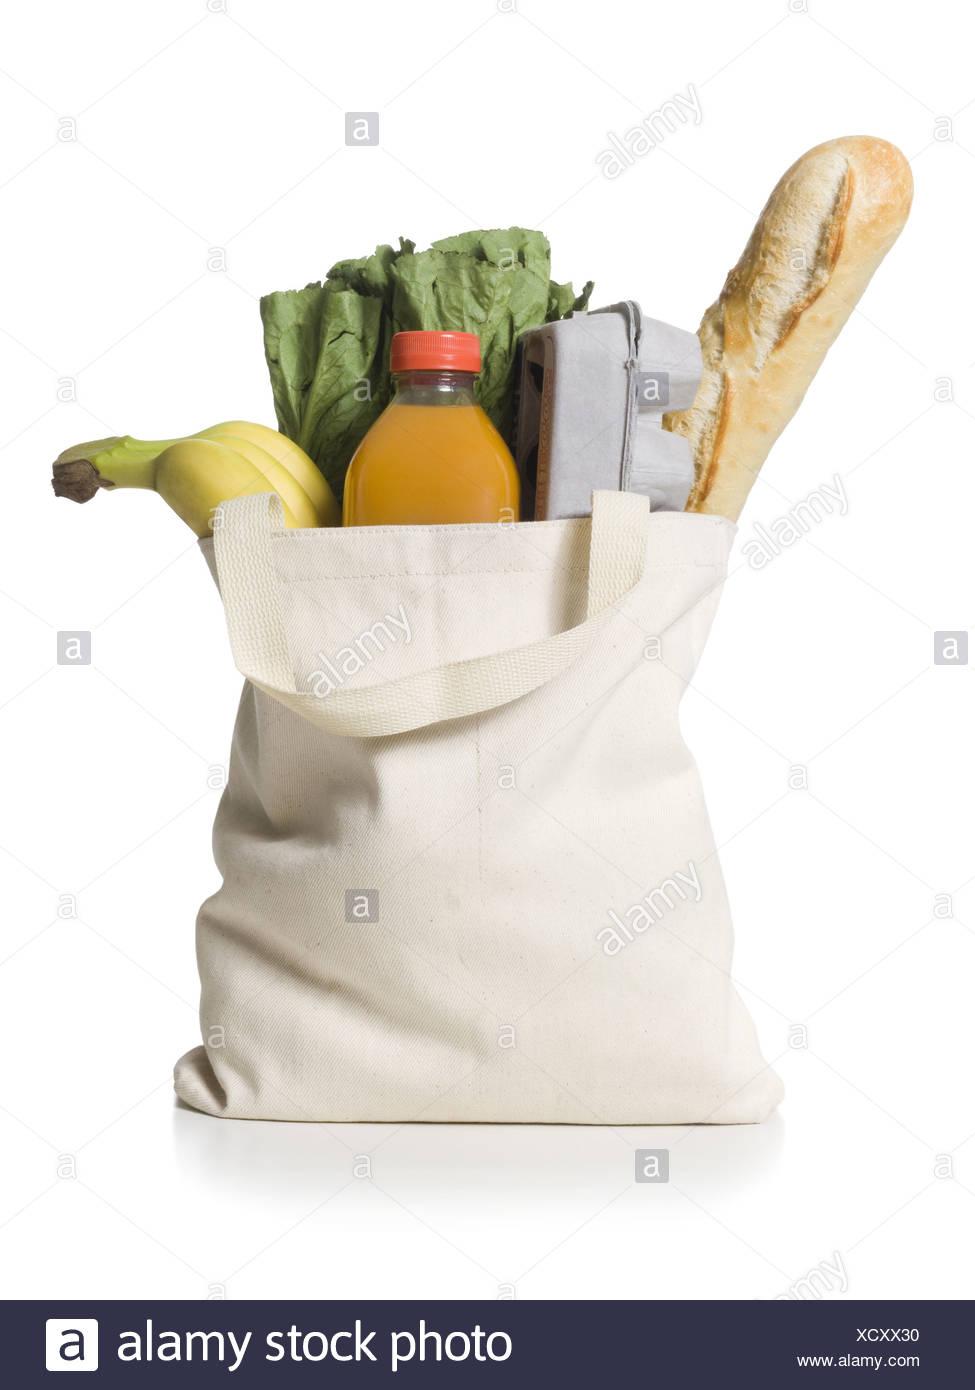 reusable grocery bag - Stock Image